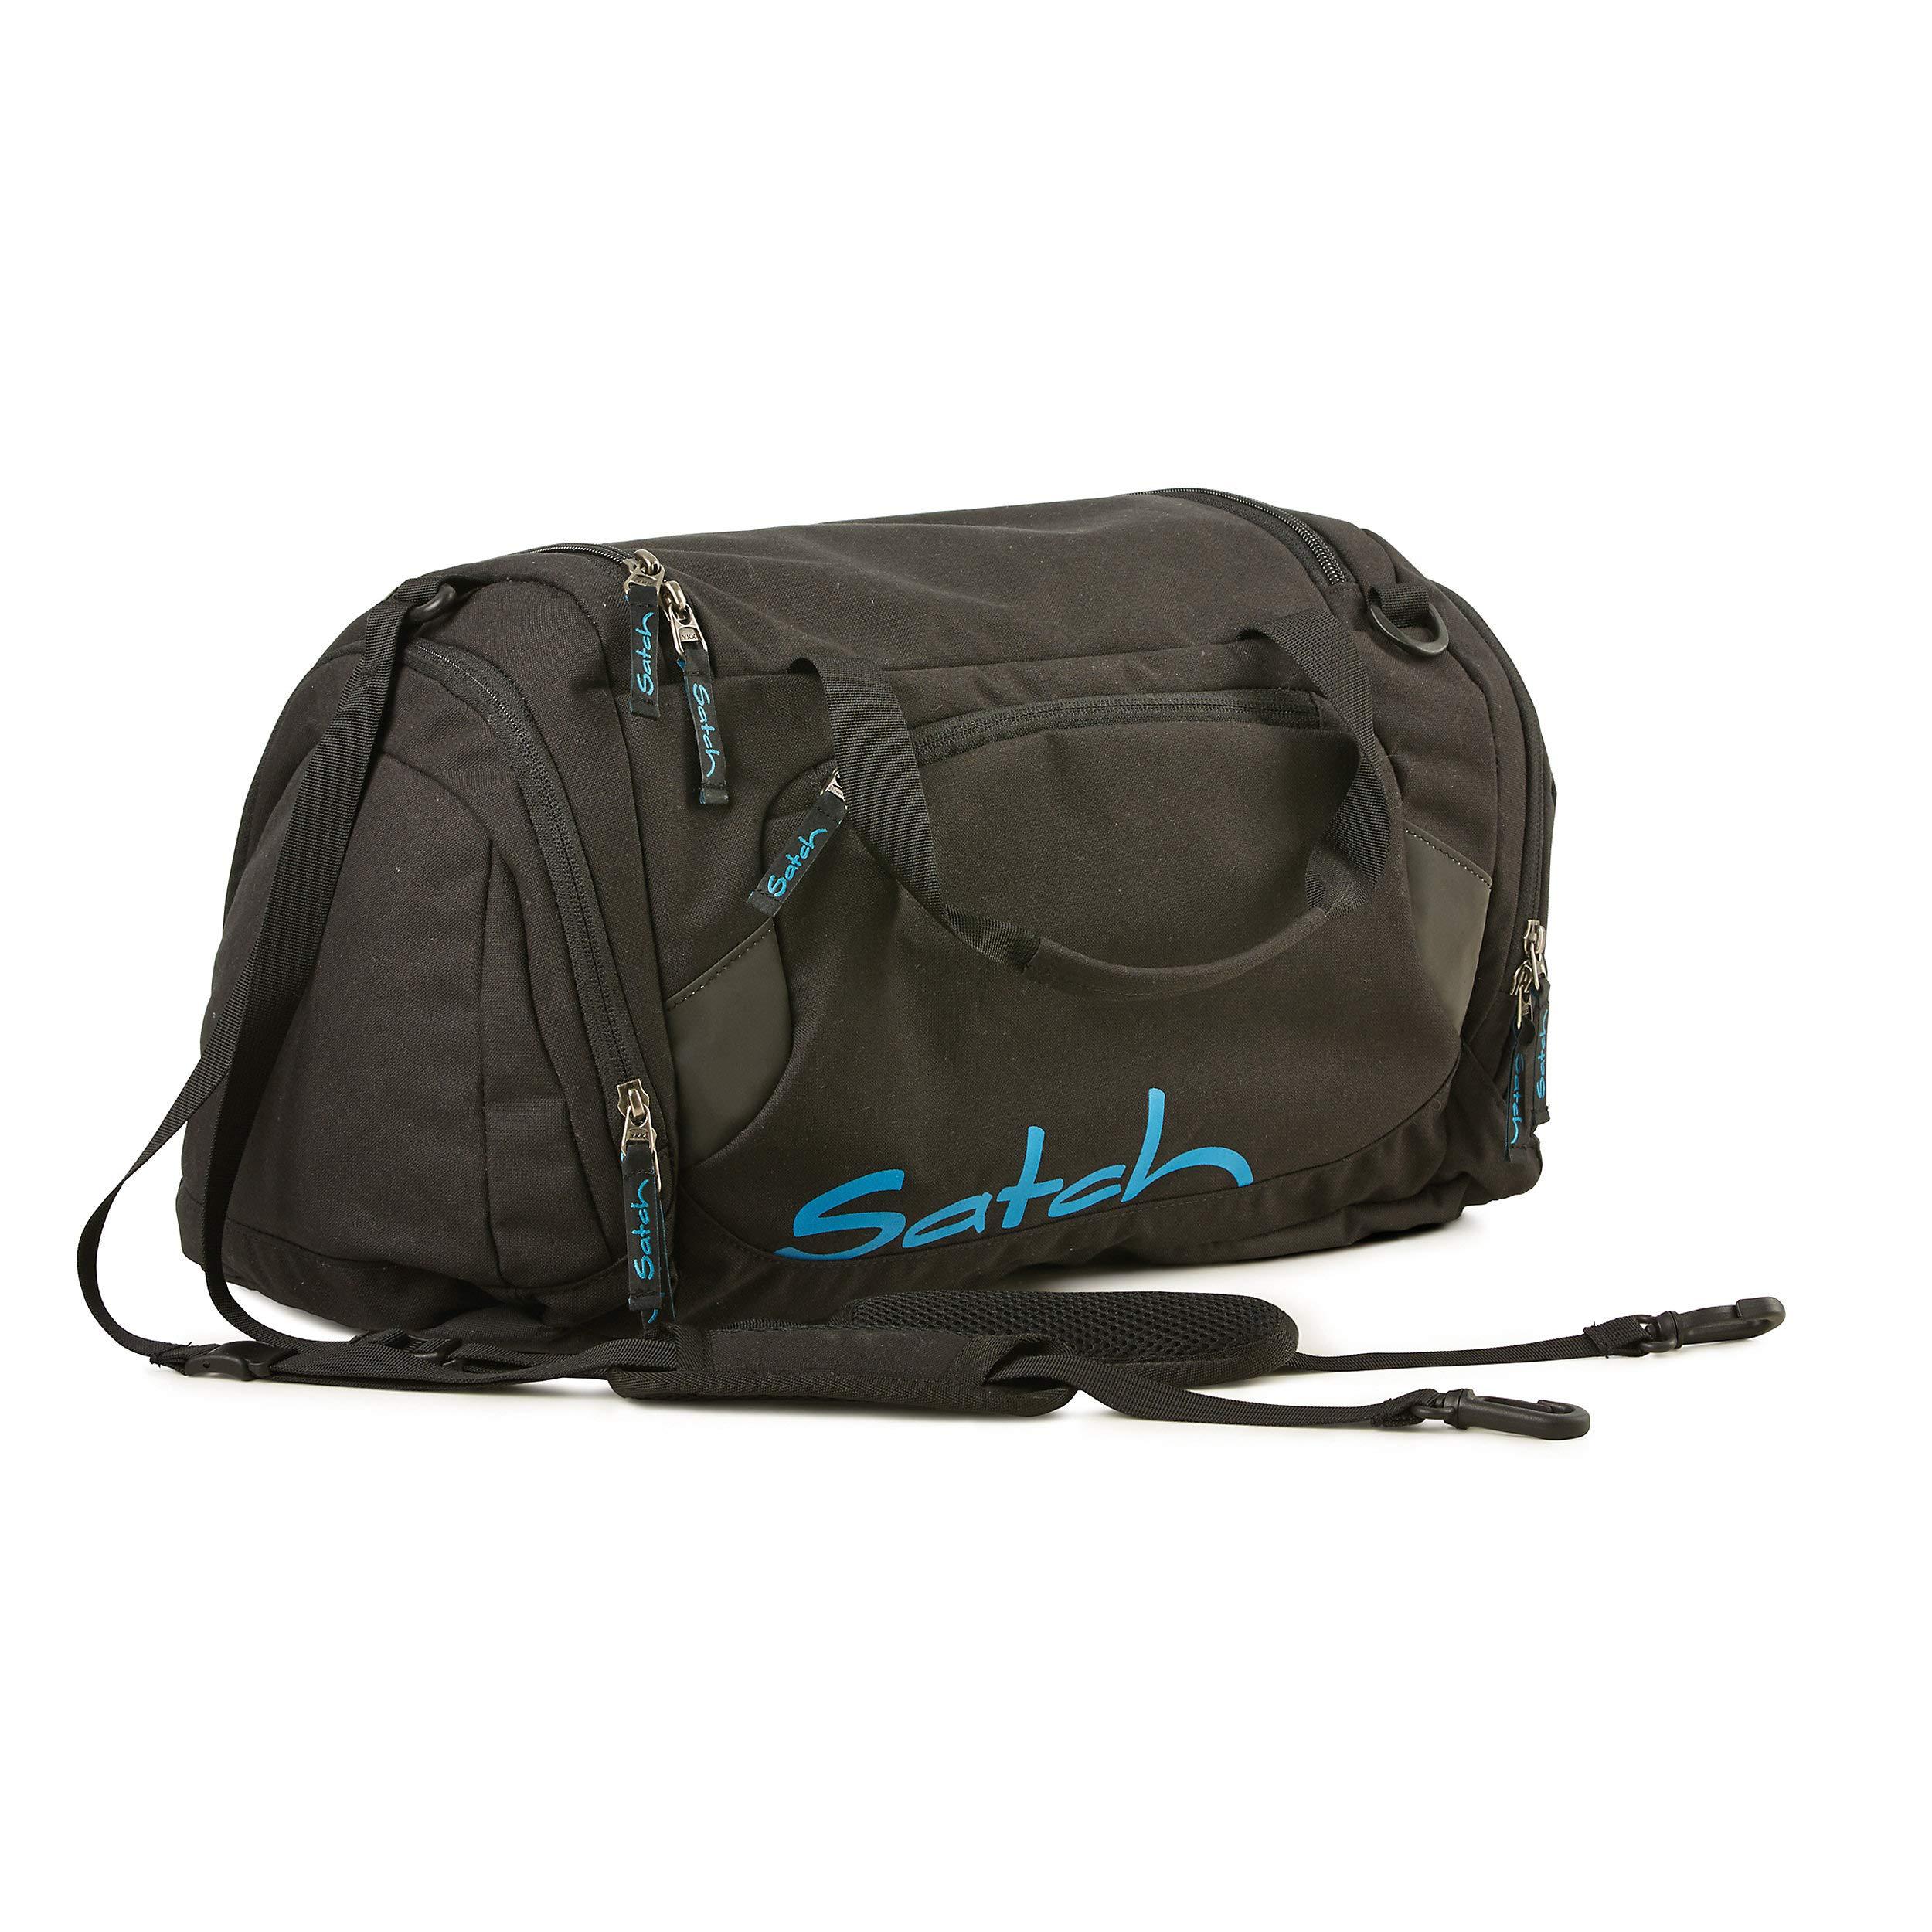 ウォーカーエンレイソウ30サイズ対角ポータブルスポーツパックパッケージ入場パッケージ旅行シリーズを旅肩を運ぶオスプレイF17が中立ergobag satch tjsakkaスポーツバッグ